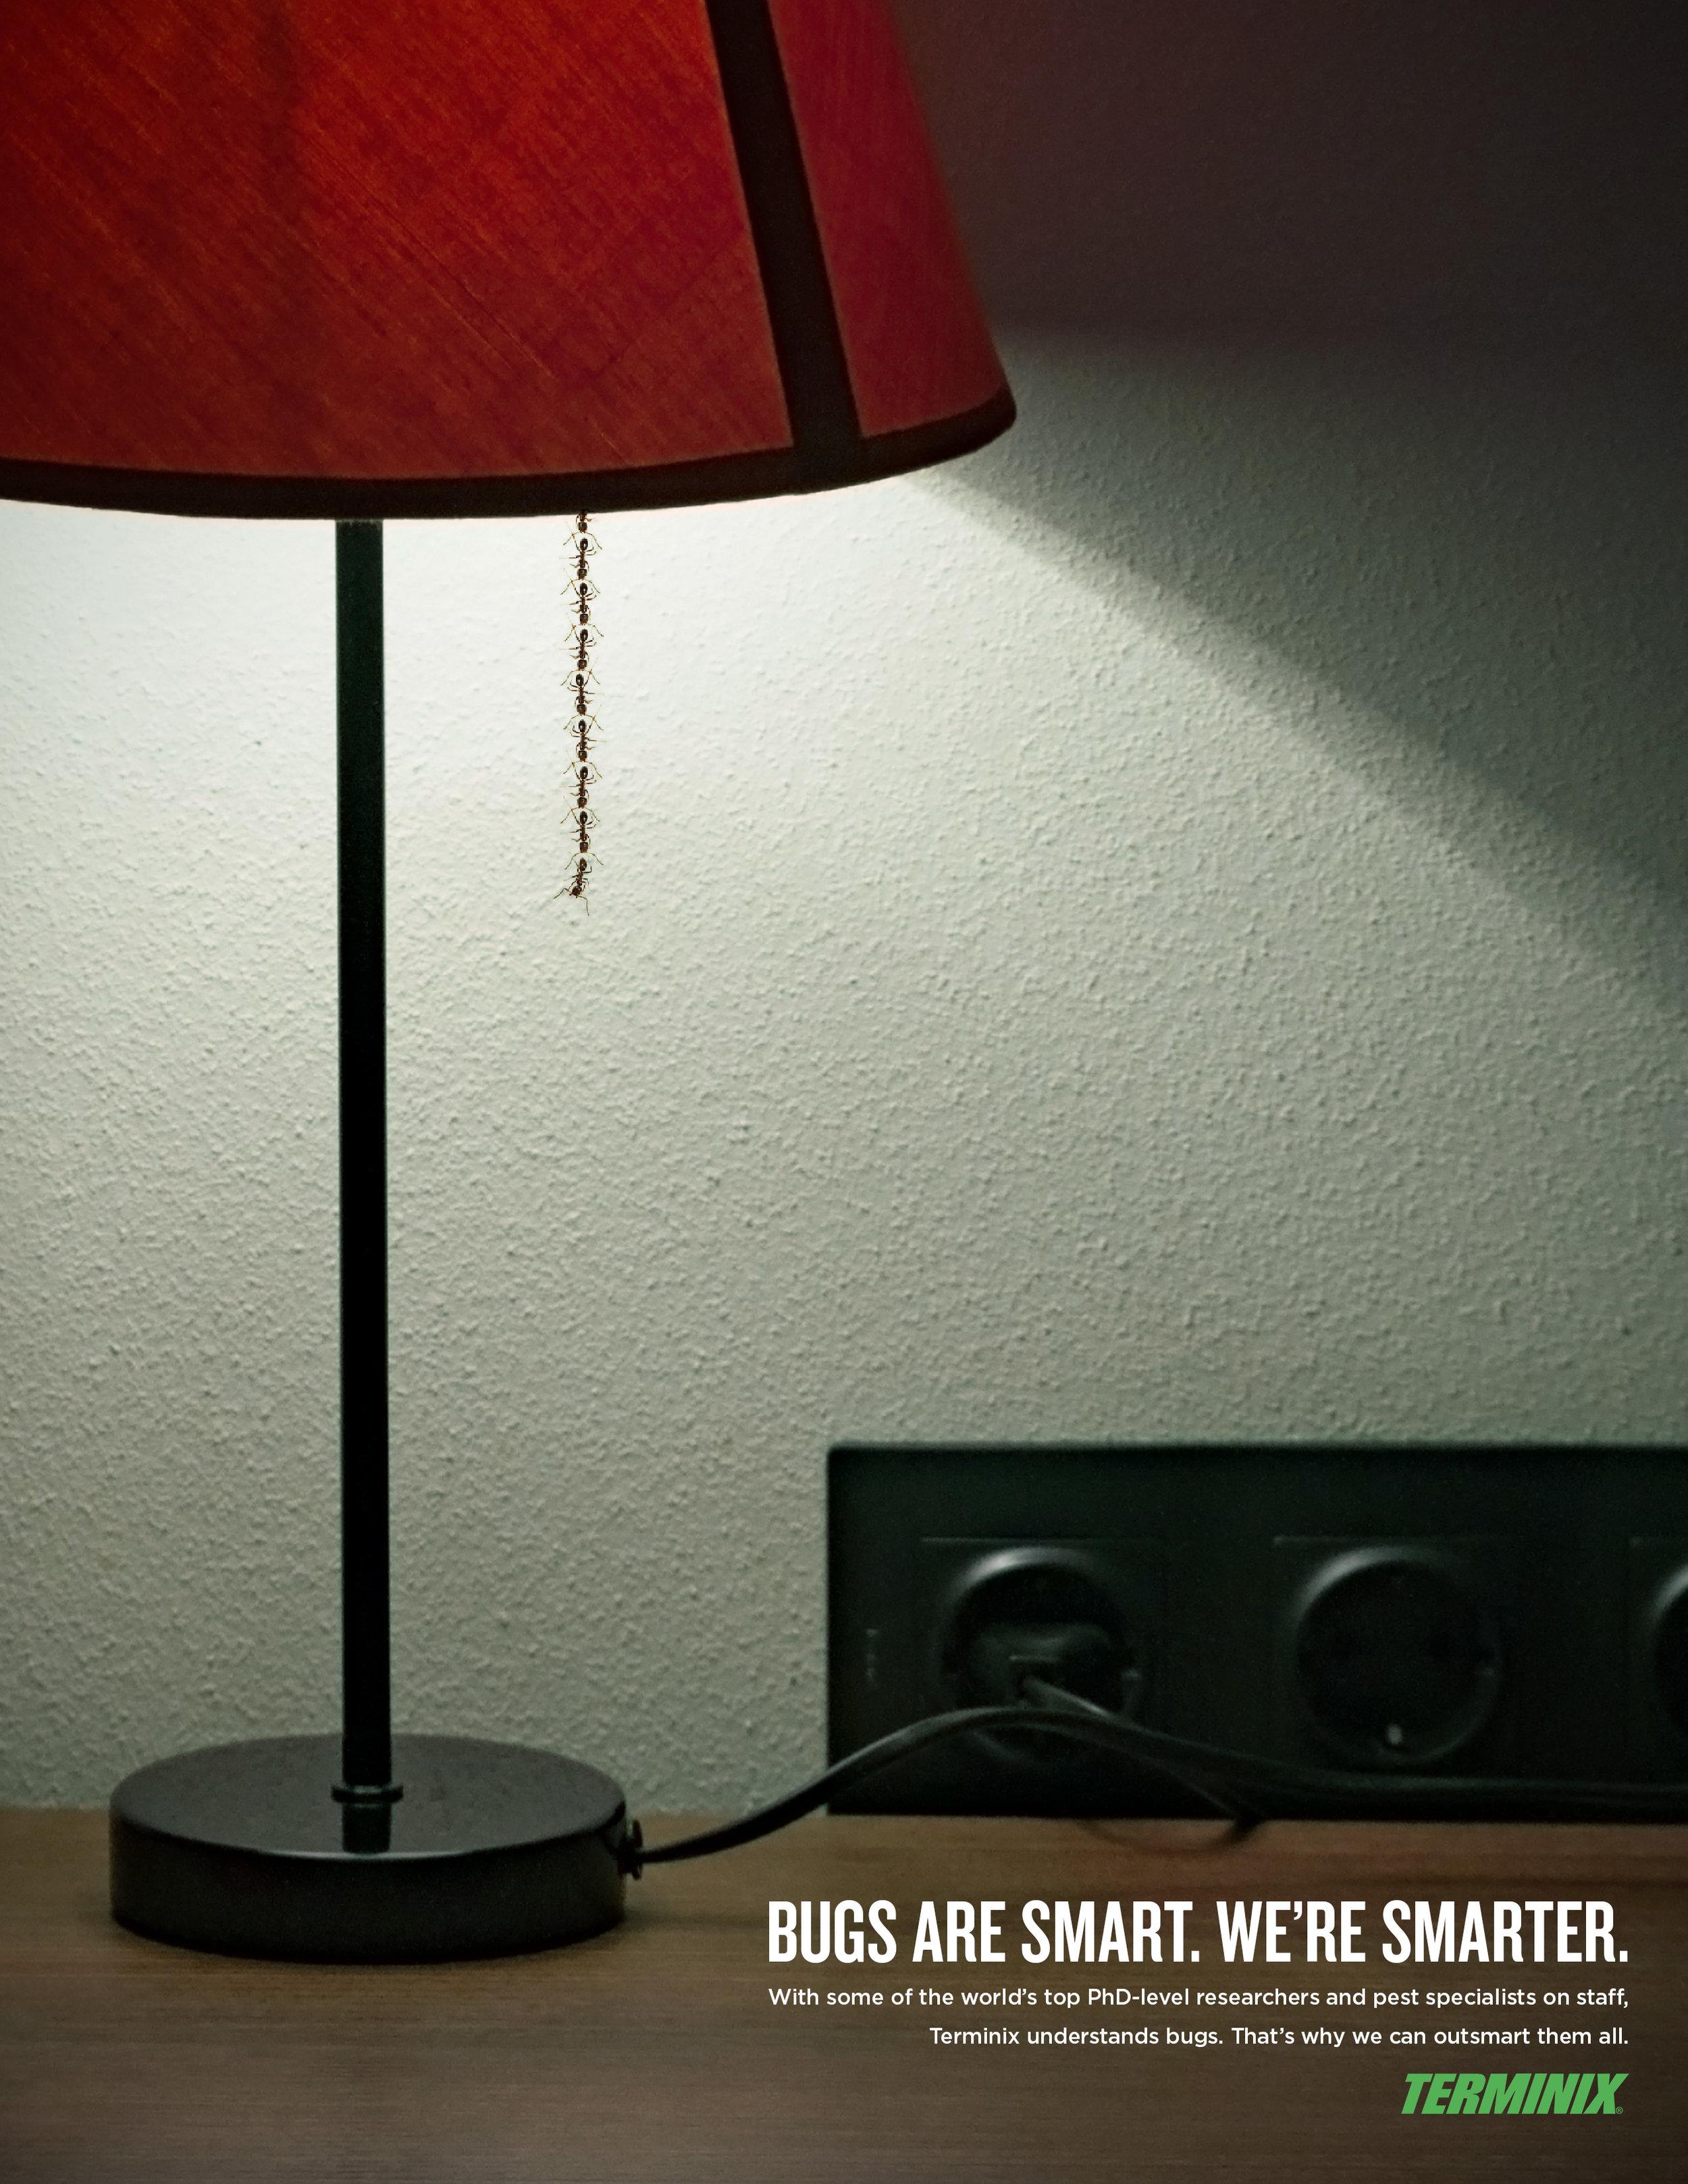 Terminix_Lamp.jpg